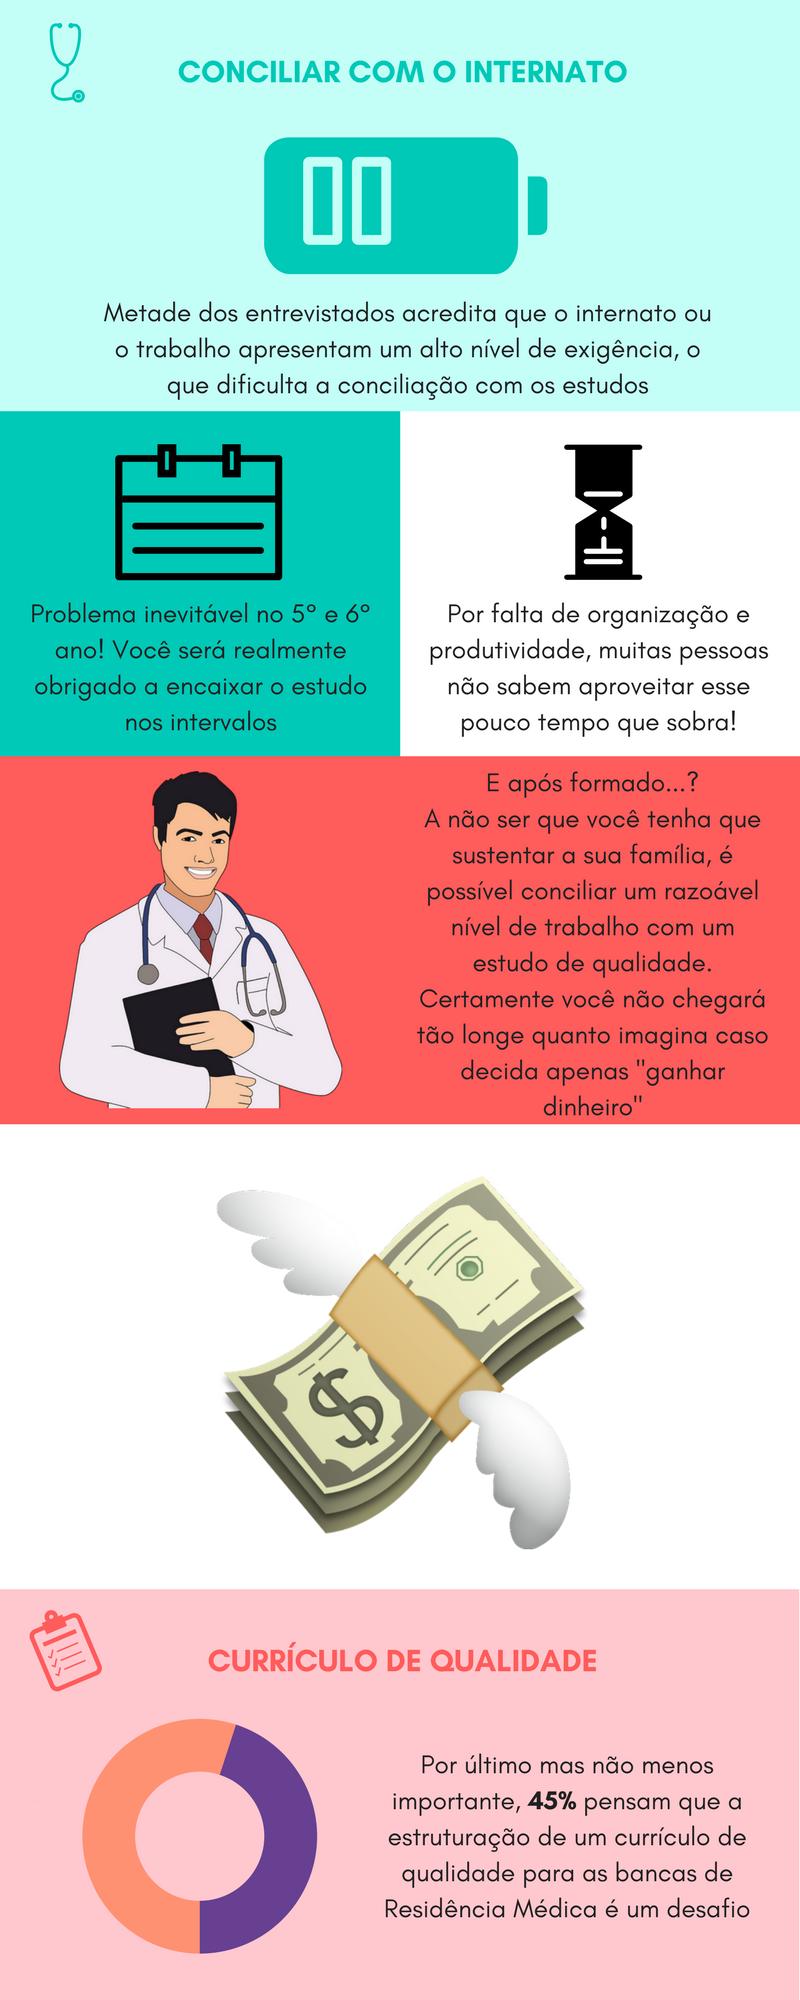 dificuldades residência médica 4